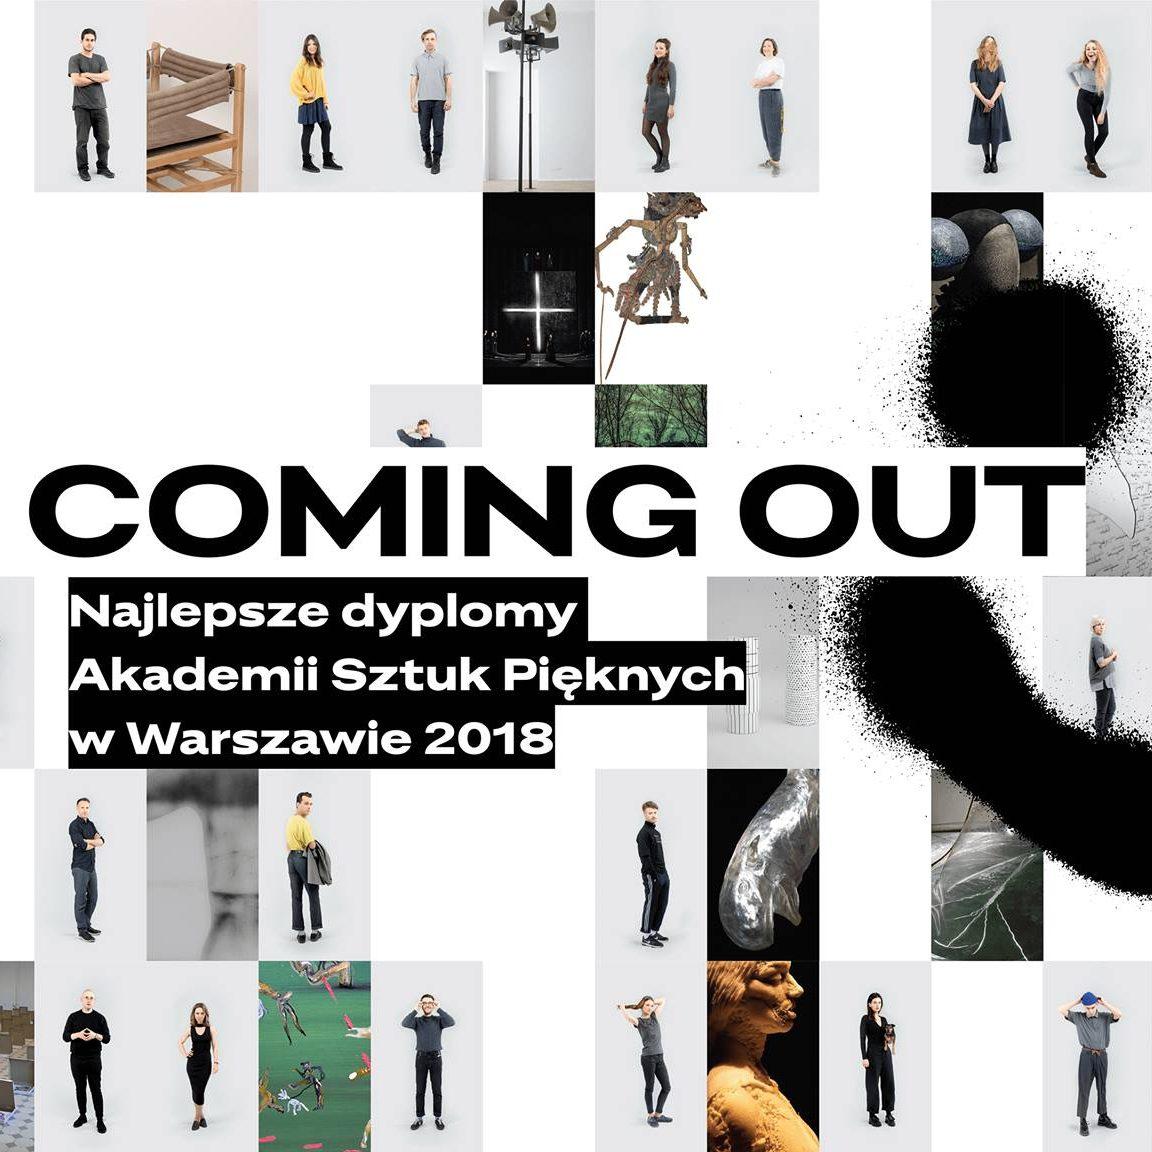 Coming Out. Najlepsze dyplomy ASP w Warszawie 2018